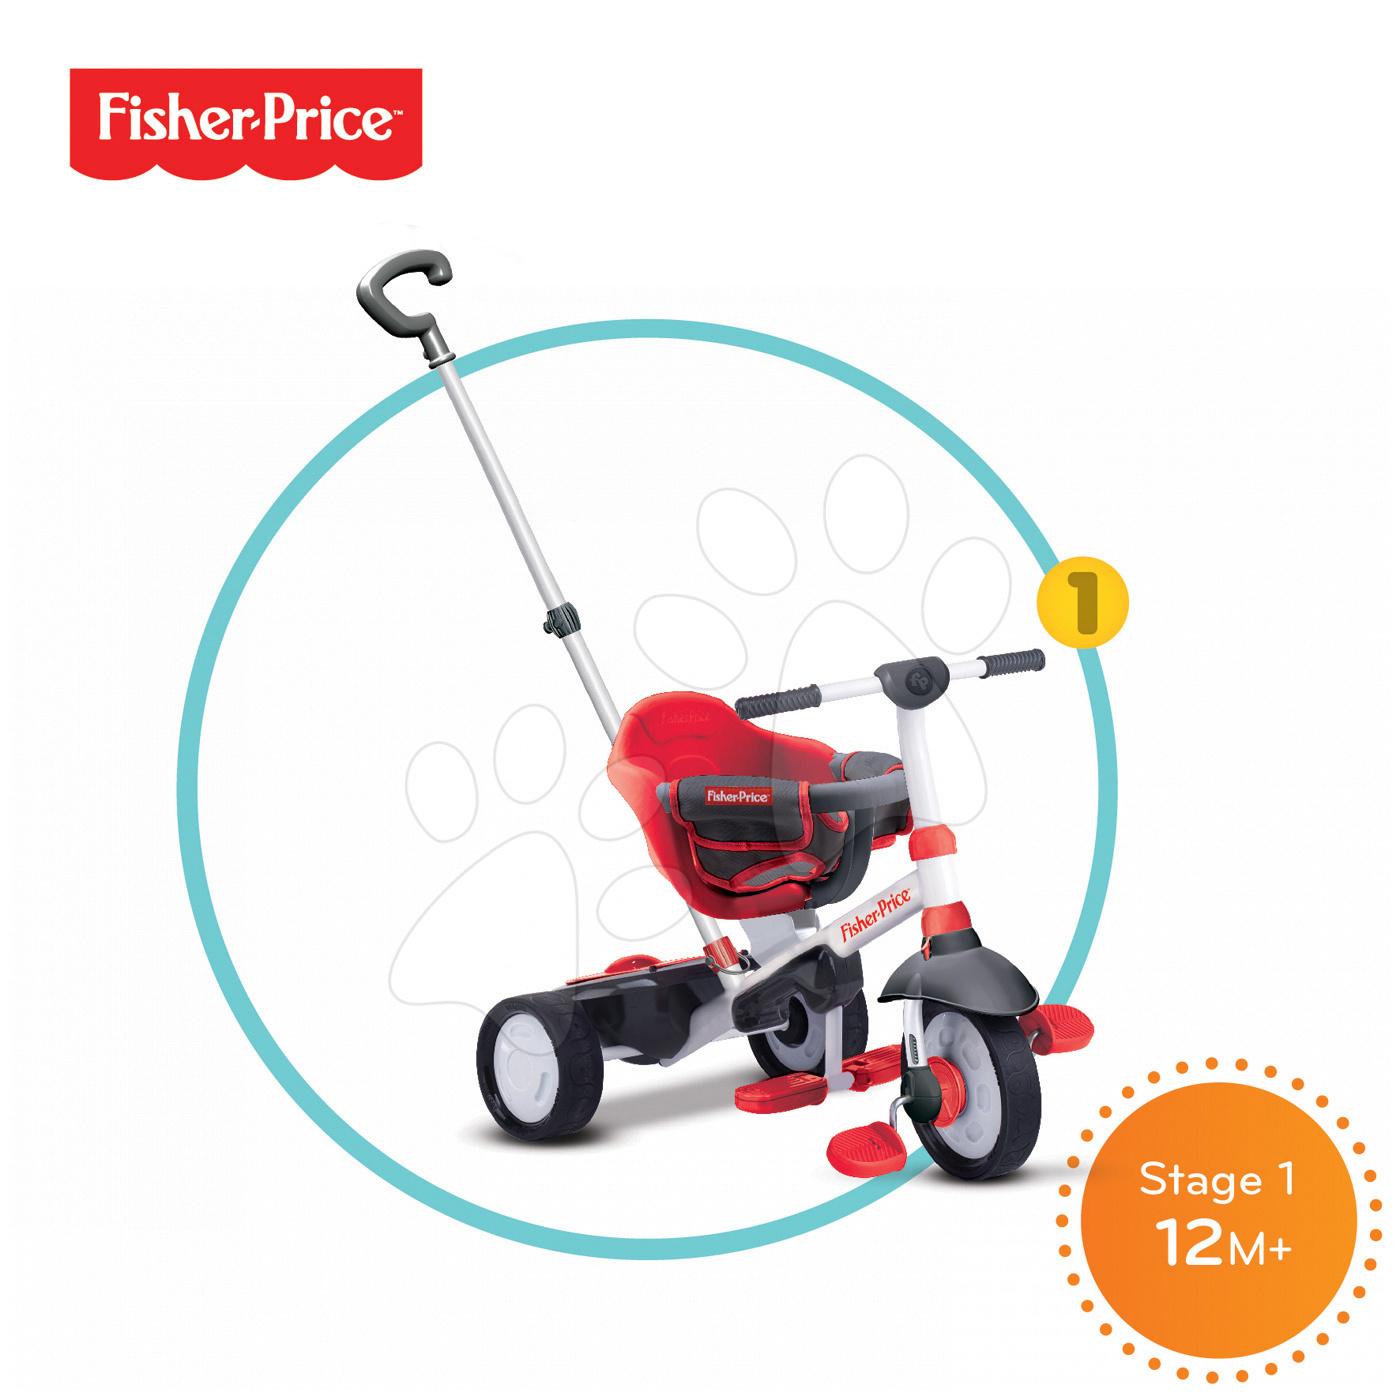 Trojkolky od 10 mesiacov - Trojkolka Fisher-Price Charm Touch Steering smarTrike červená od 10 mes